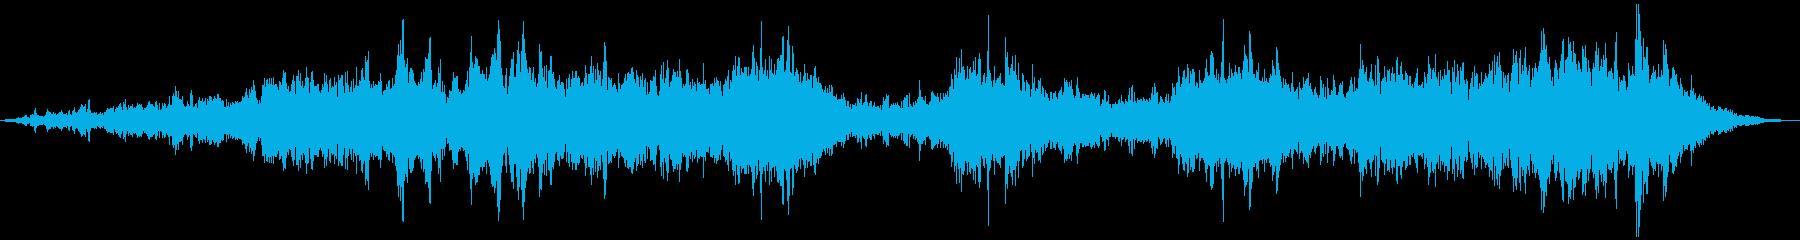 PADS 悲しいクジラ01の再生済みの波形